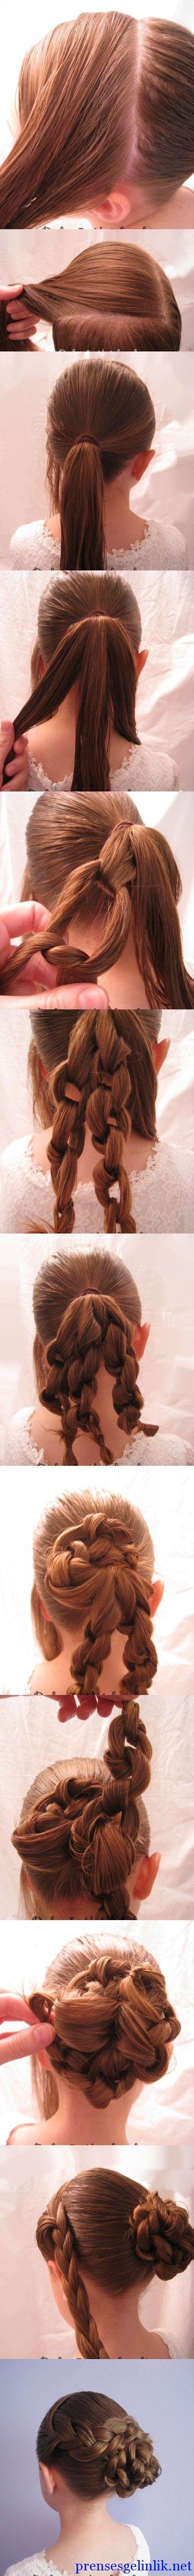 Evde kolay yapılan saç modelleri 2014 > 2014 saç modelleri2014 Prenses Gelinlik Modelleri | 2014 Gelinlik Modelleri